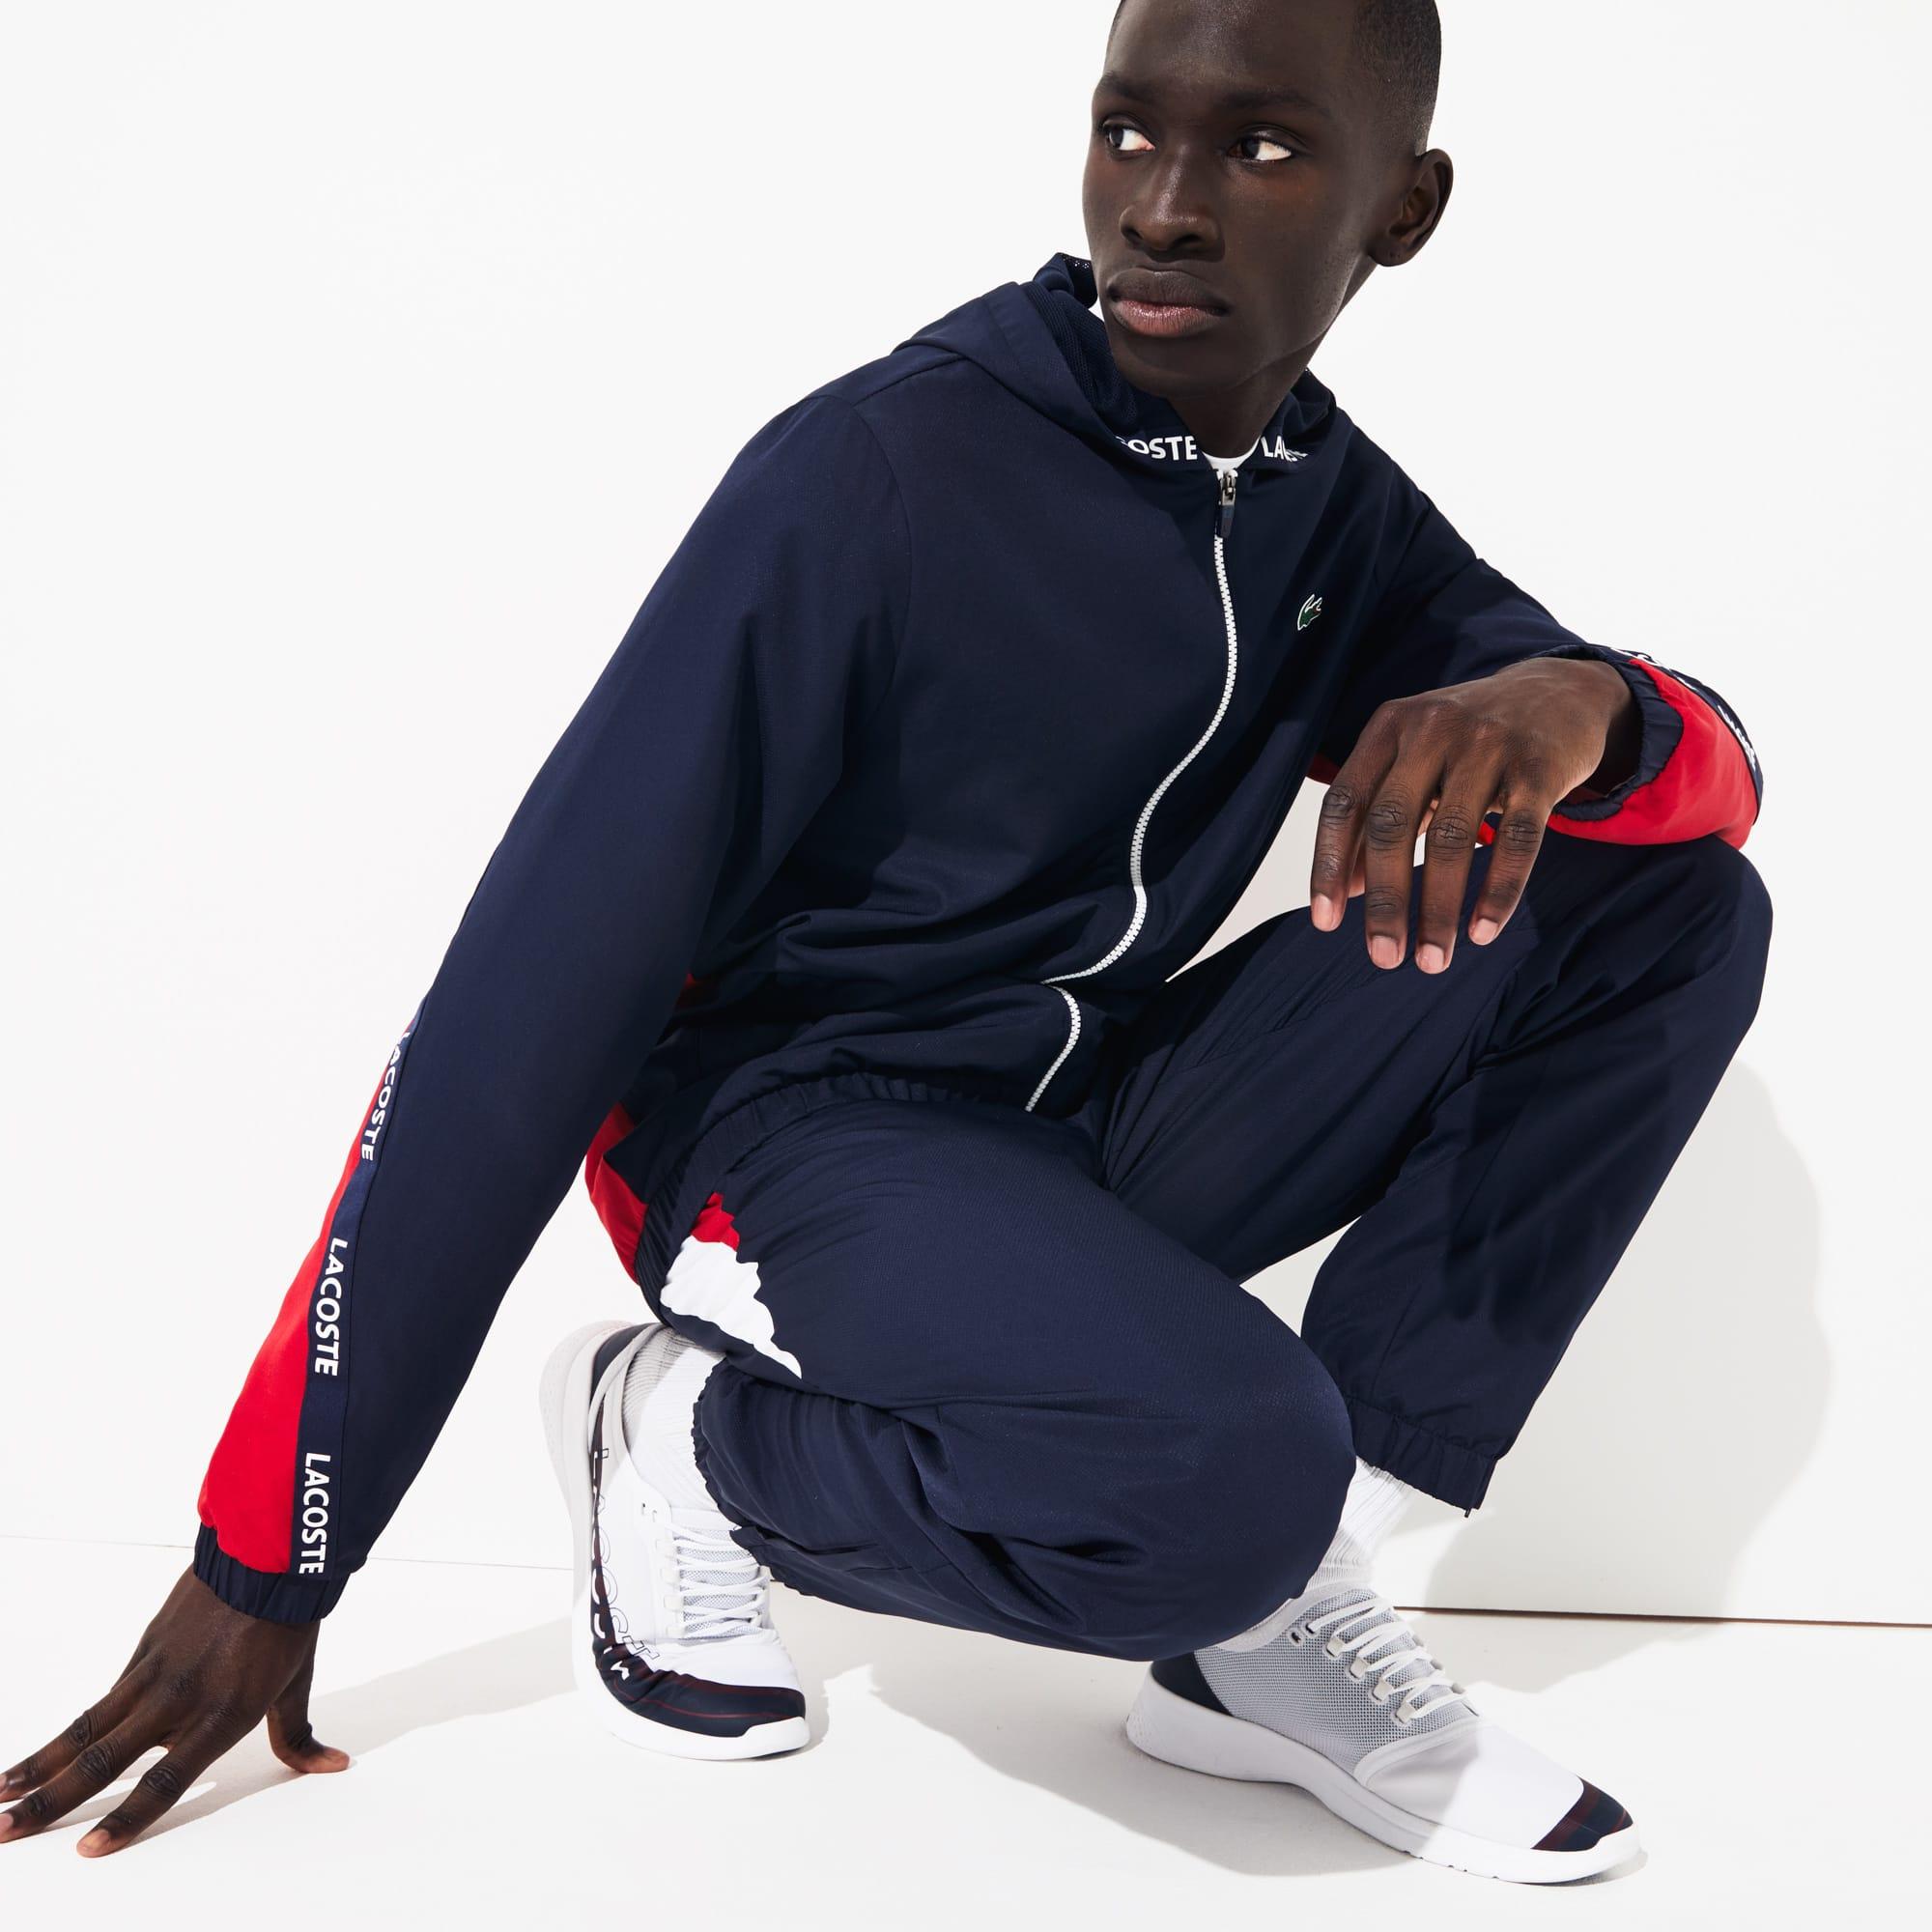 라코스테 스포츠 집업 자켓 Lacoste Mens SPORT Logo Two-Tone Jacket,Navy Blue / Red / Navy Blue / White - ZKG (Selecte